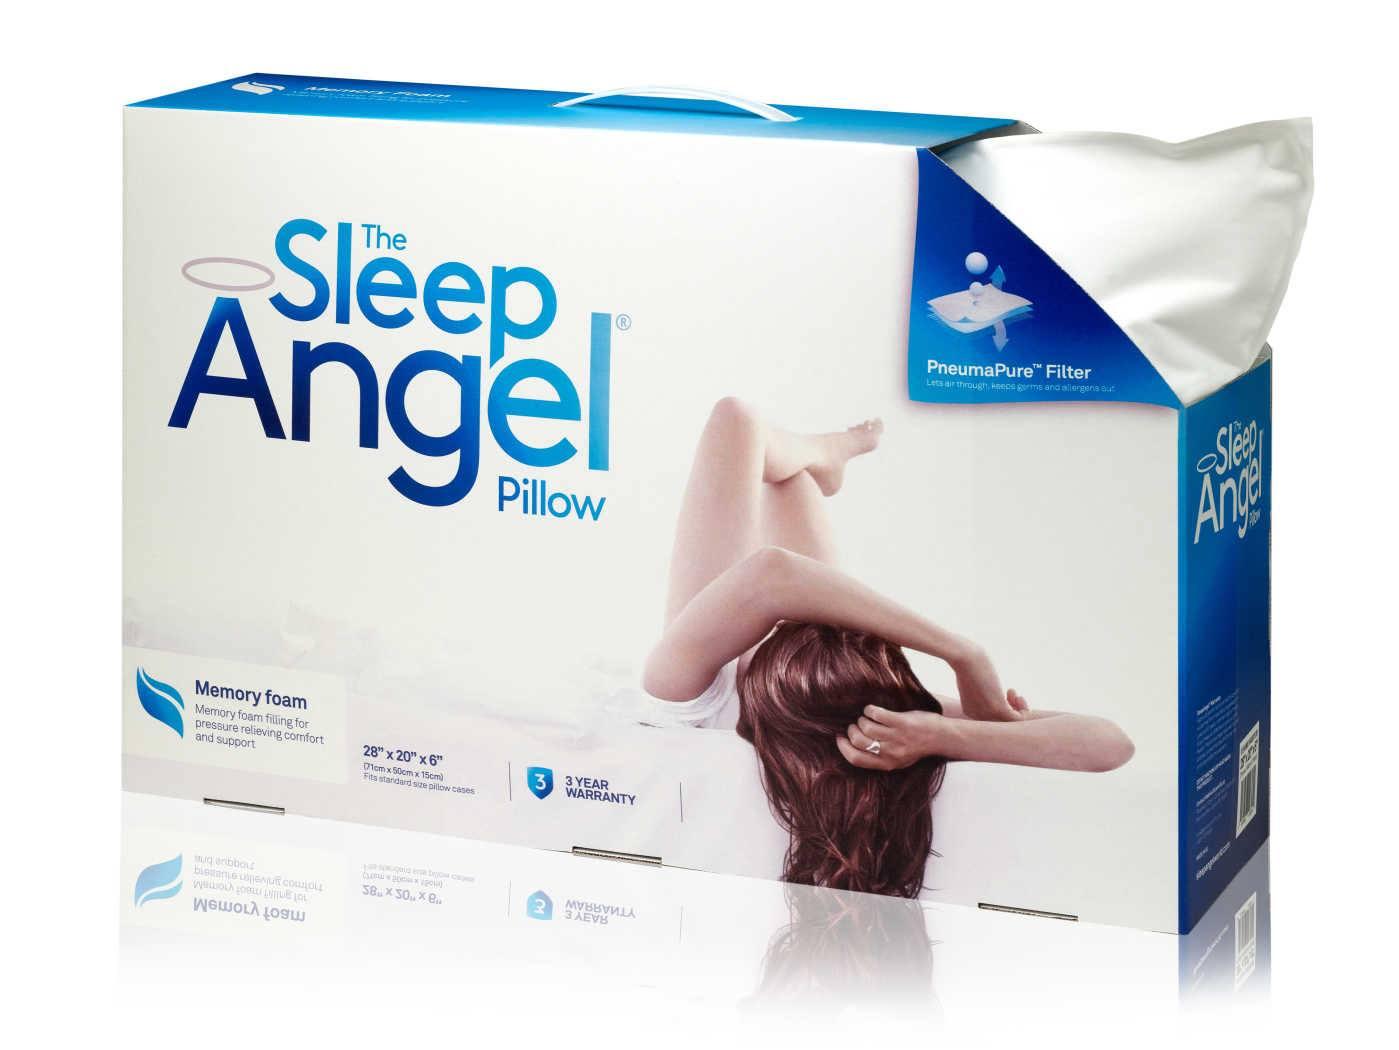 SleepAngel3